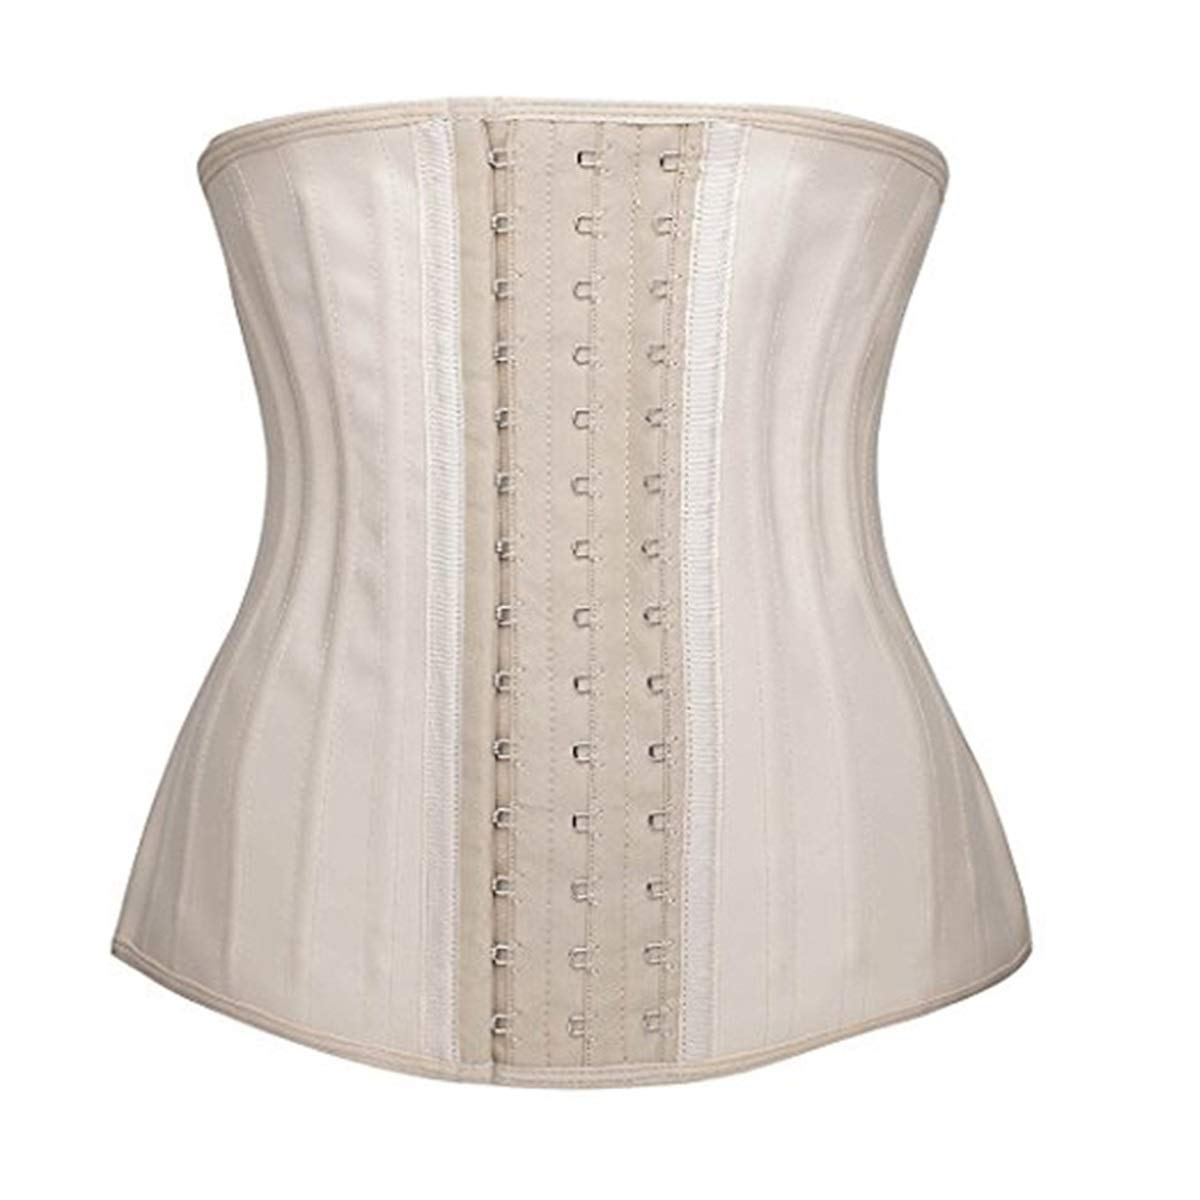 Latex Waist Trainer Slimming Underwear Cincher Corset Belt Modeling Strap